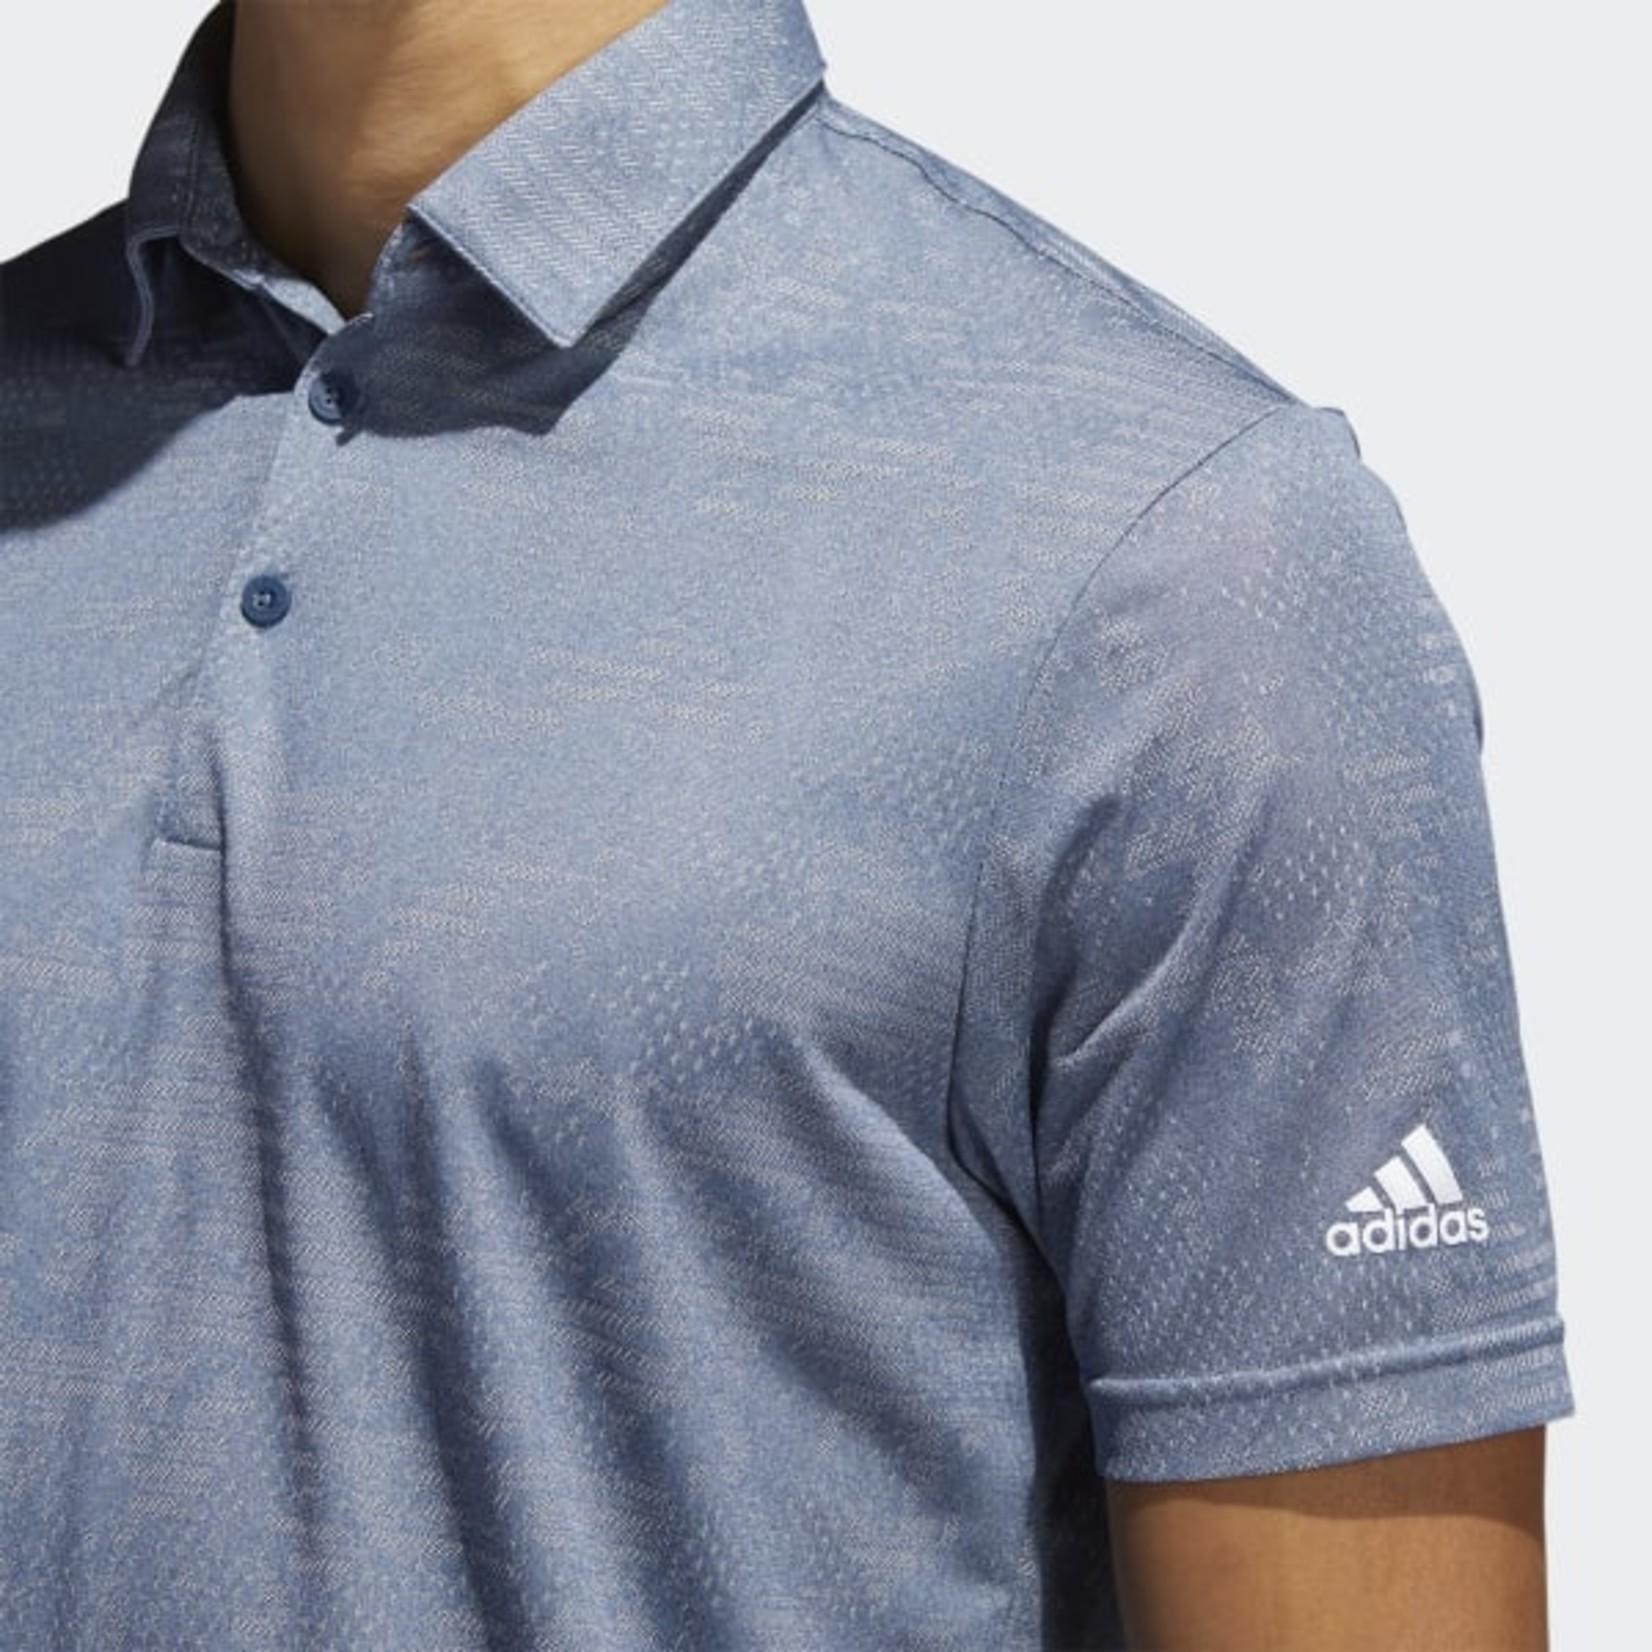 Adidas Adidas Men's Camo Polo-21